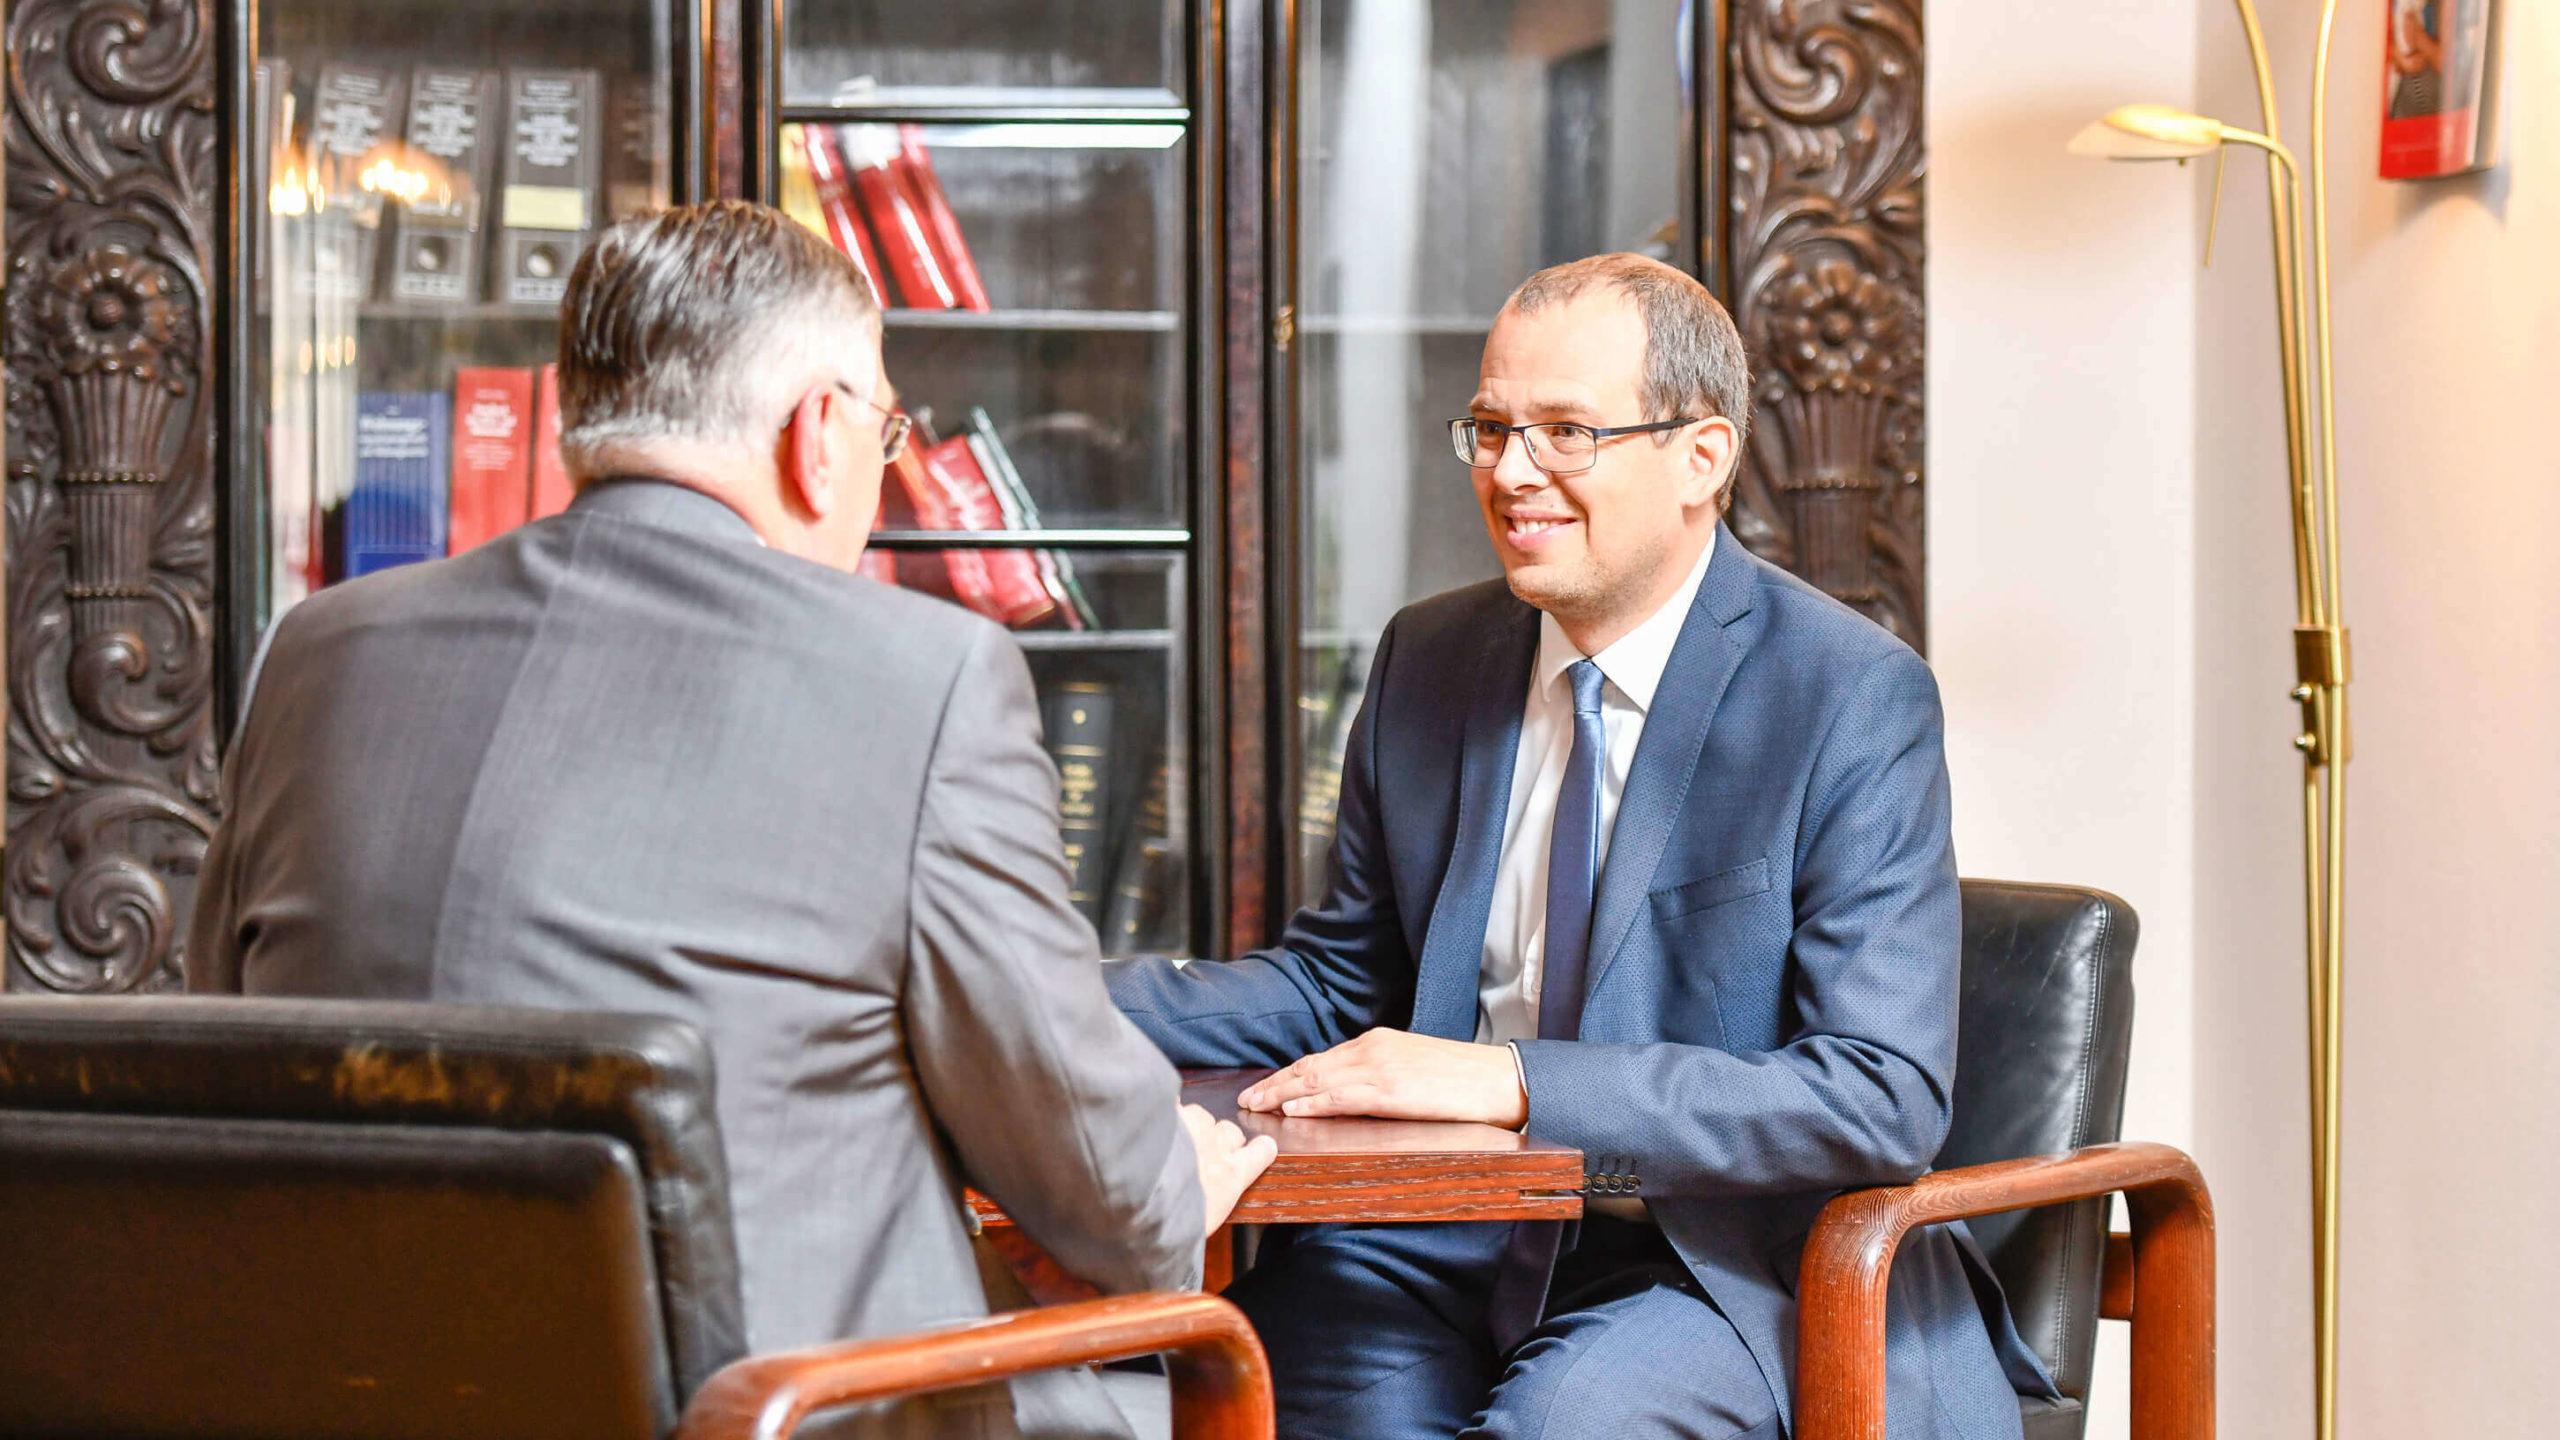 Anwälte am Tisch beim lachen - Dr. Heinrich Nagl und Mag. Timo Ruisinger - Rechtsanwälte in 3580 Horn